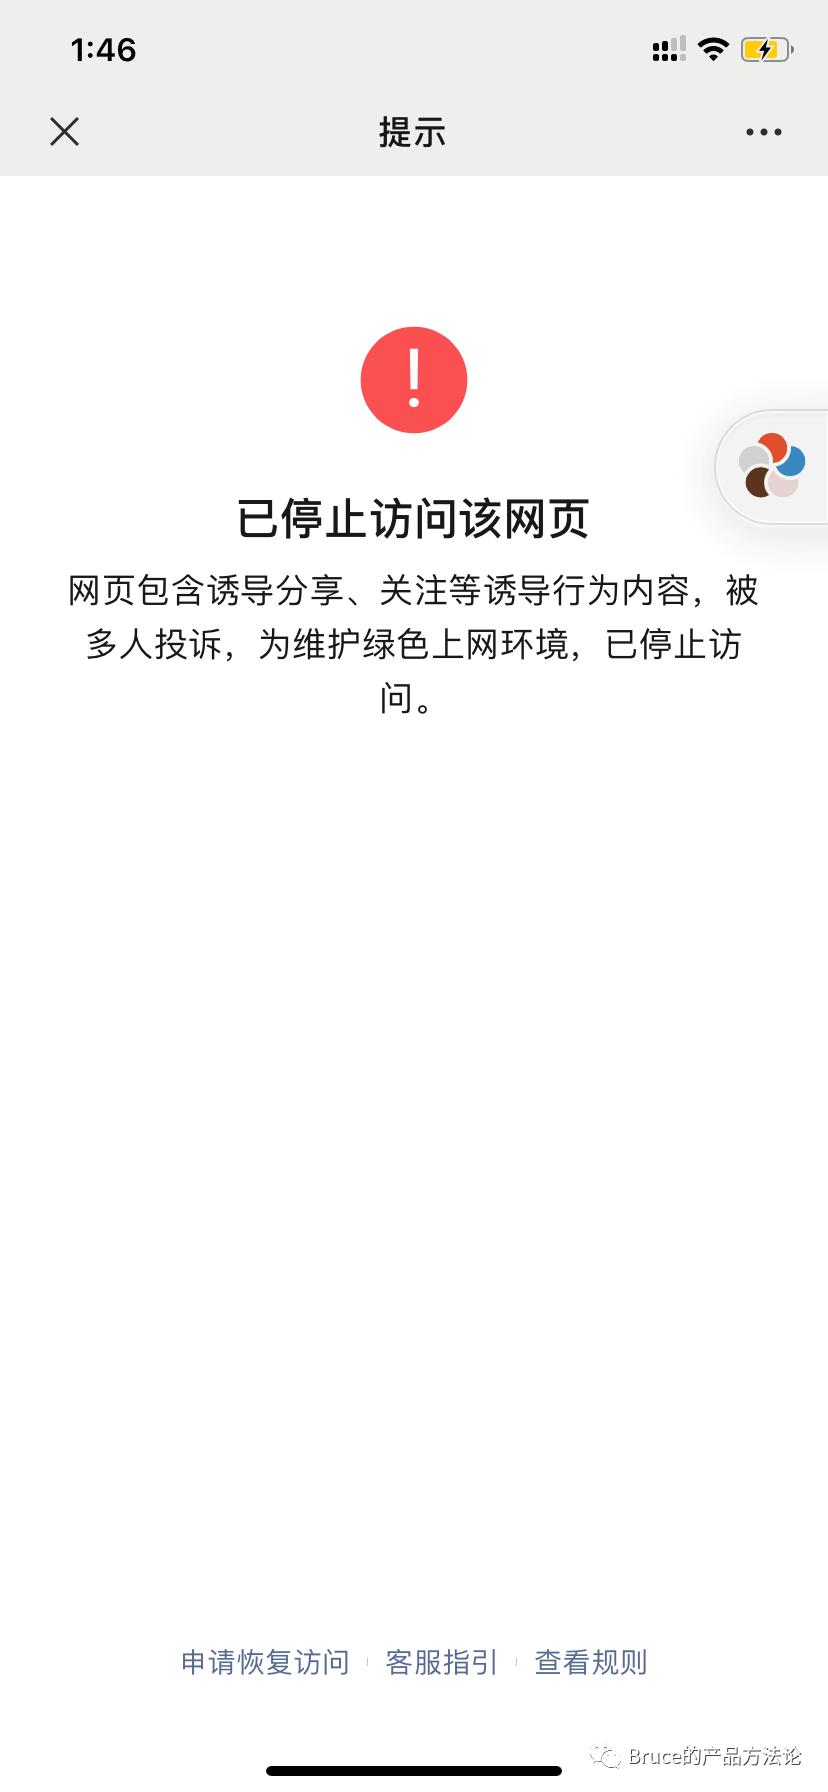 鸟哥笔记,新媒体运营,Bruce Ma,总结,裂变,用户增长,裂变,思维